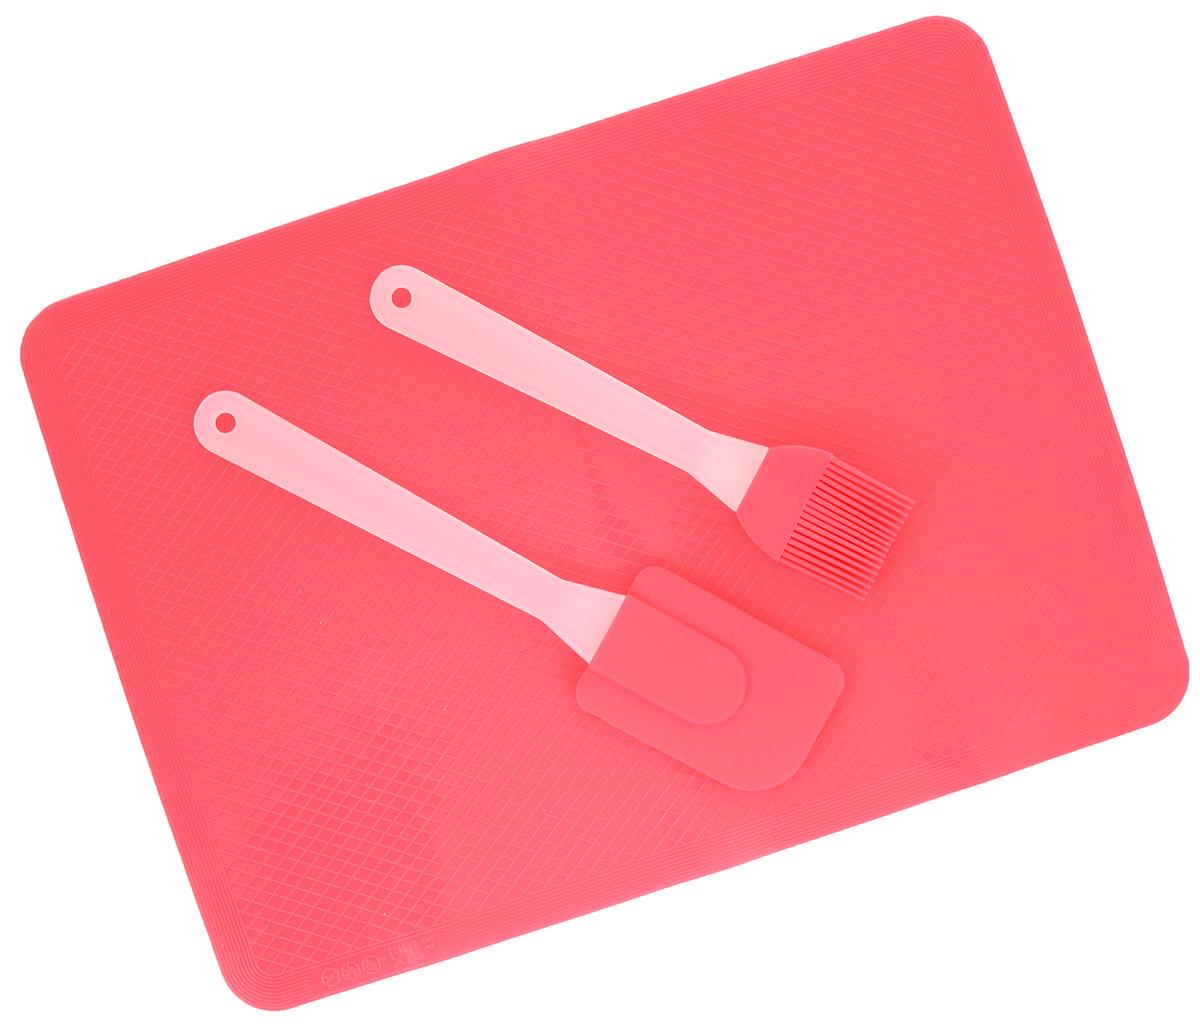 Набор кулинарный Marmiton, силиконовый, цвет: розовый, 3 предмета16061_розовыйНабор Marmiton состоит из кулинарной кисти, кулинарной лопатки и коврика. Предметы набора изготовлены из пищевого силикона. Изделия из силикона выдерживают высокие и низкие температуры (от - 40°С до +220°С). Они износостойки, легко моются, не горят и не тлеют, не впитывают запахи, не оставляют пятен. Силикон абсолютно безвреден для здоровья. Кулинарная лопатка и кисть с удобными пластиковыми ручками станут вашими незаменимыми помощниками на кухне, так как их можно использовать на посуде с любыми видами покрытий. Коврик быстро нагревается, равномерно пропекает, не допускает подгорания выпечки с краев или снизу. Нет необходимости смазывать коврик маслом. Кулинарный набор Marmiton - отличный подарок, необходимый любой хозяйке. Изделия можно мыть в посудомоечной машине. Длина кулинарной лопатки: 25 см. Размер рабочей поверхности лопатка: 8,5 х 6 см. Длина кулинарной кисти: 21 см. Размер рабочей...